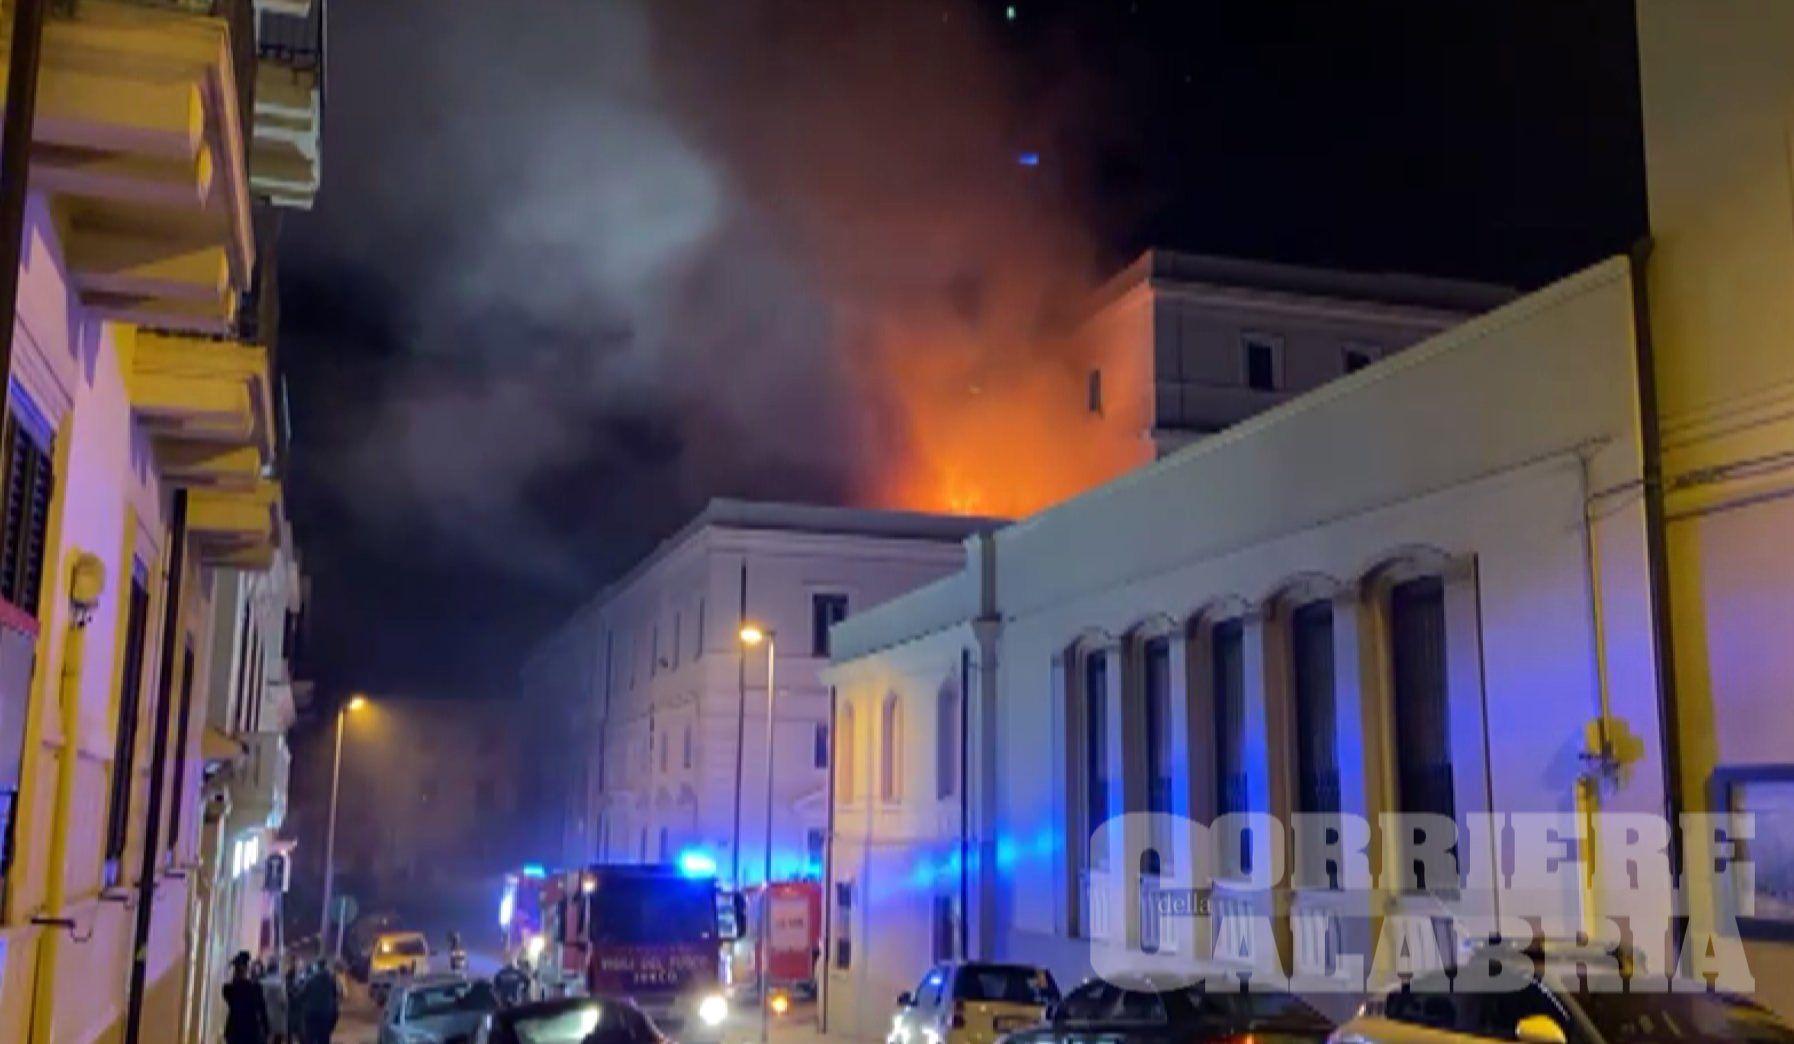 Incendio sul tetto della Corte d'Appello di Reggio Calabria – VIDEO